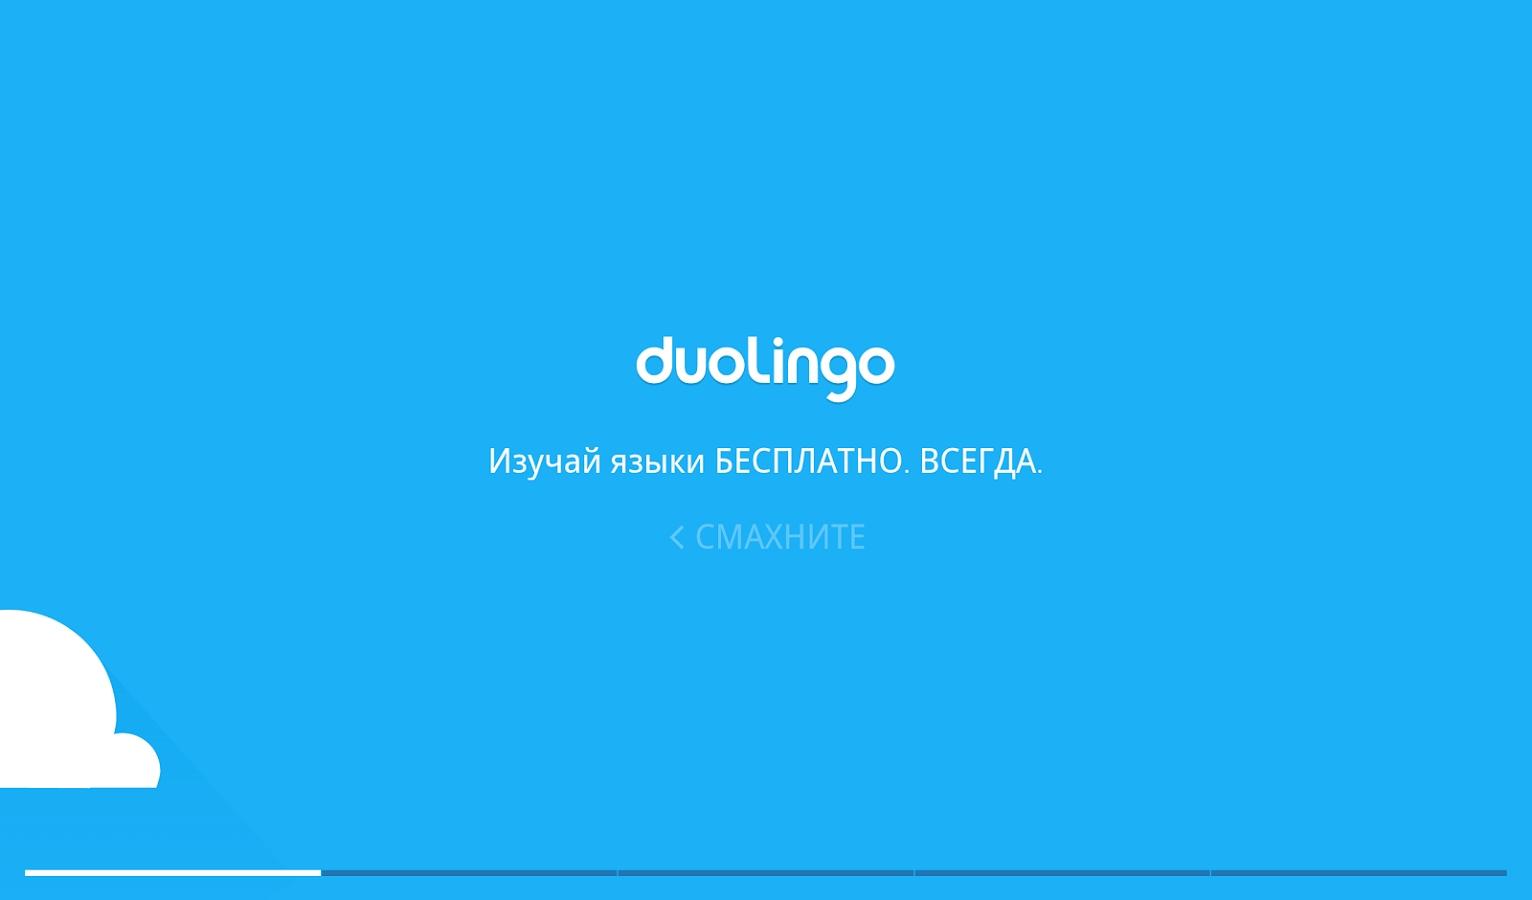 Бесплатно обучение языков работа официант словакия